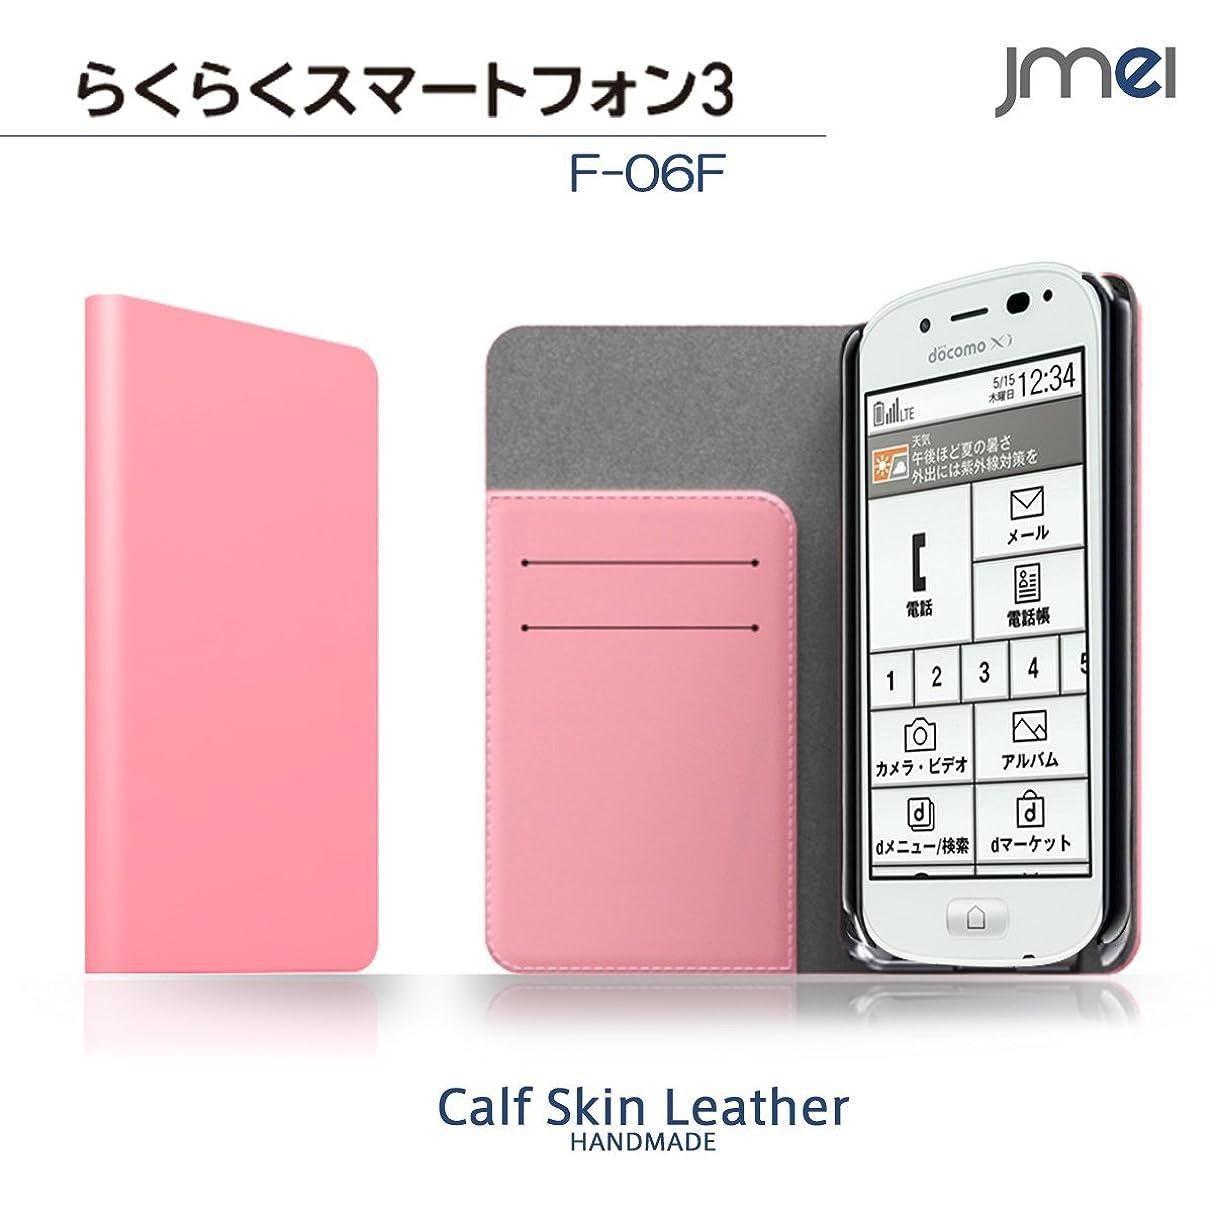 差し控える理想的にはホップdocomo らくらくスマートフォン3 F-06F ケース 本革 JMEIオリジナルレザーフリップケース ZAN ライトピンク ドコモ らくらくフォン3 スマホ カバー スマホケース スマートフォン